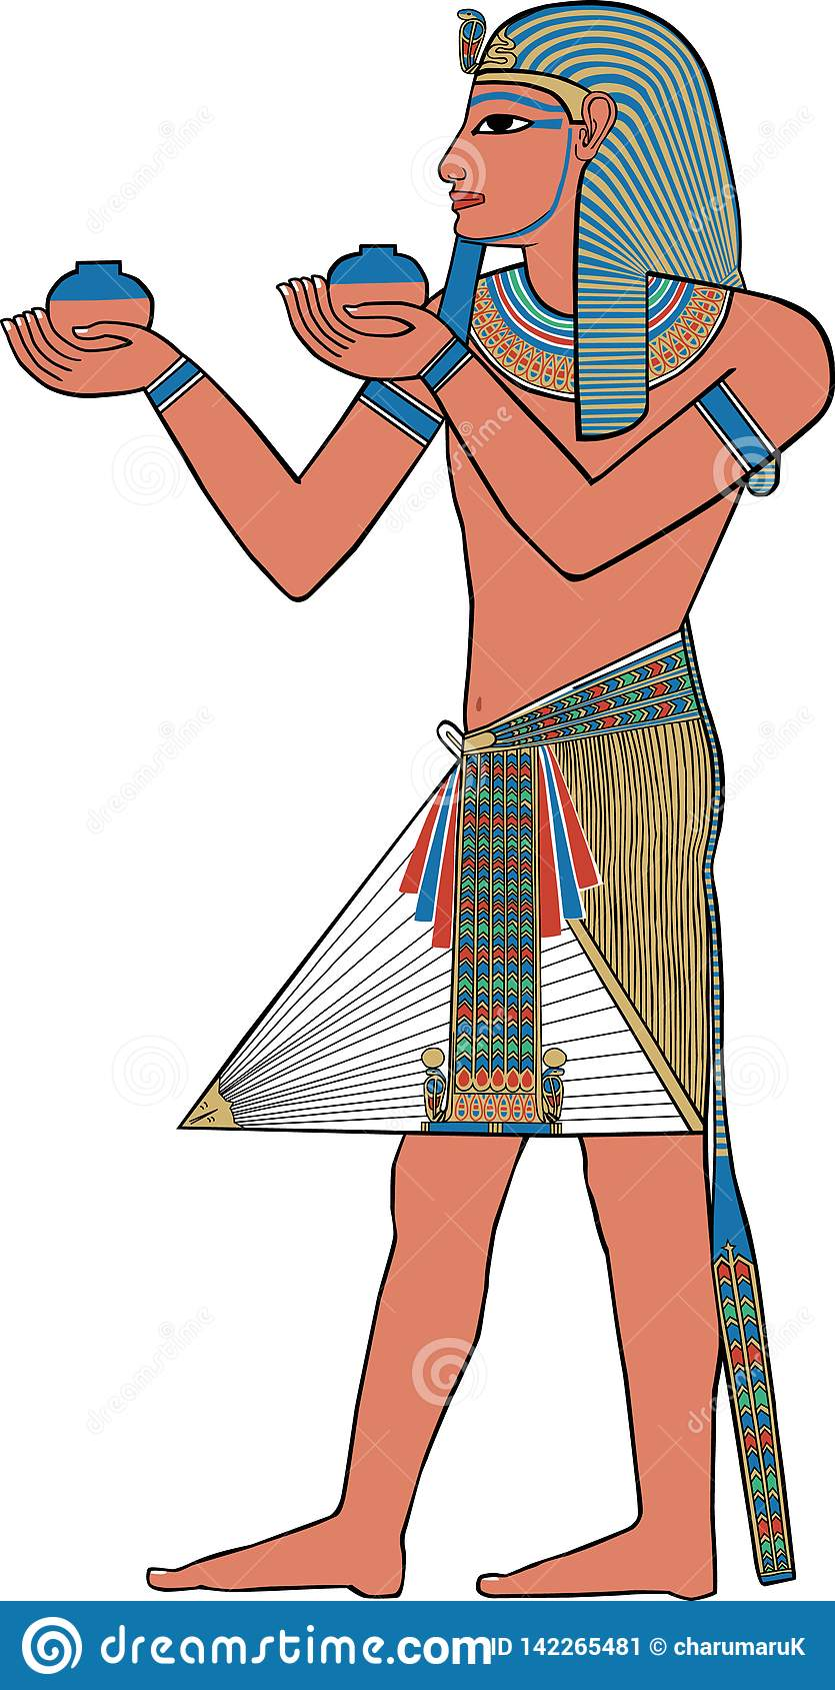 Forntida egyptisk väggmålning, illustration av en konung